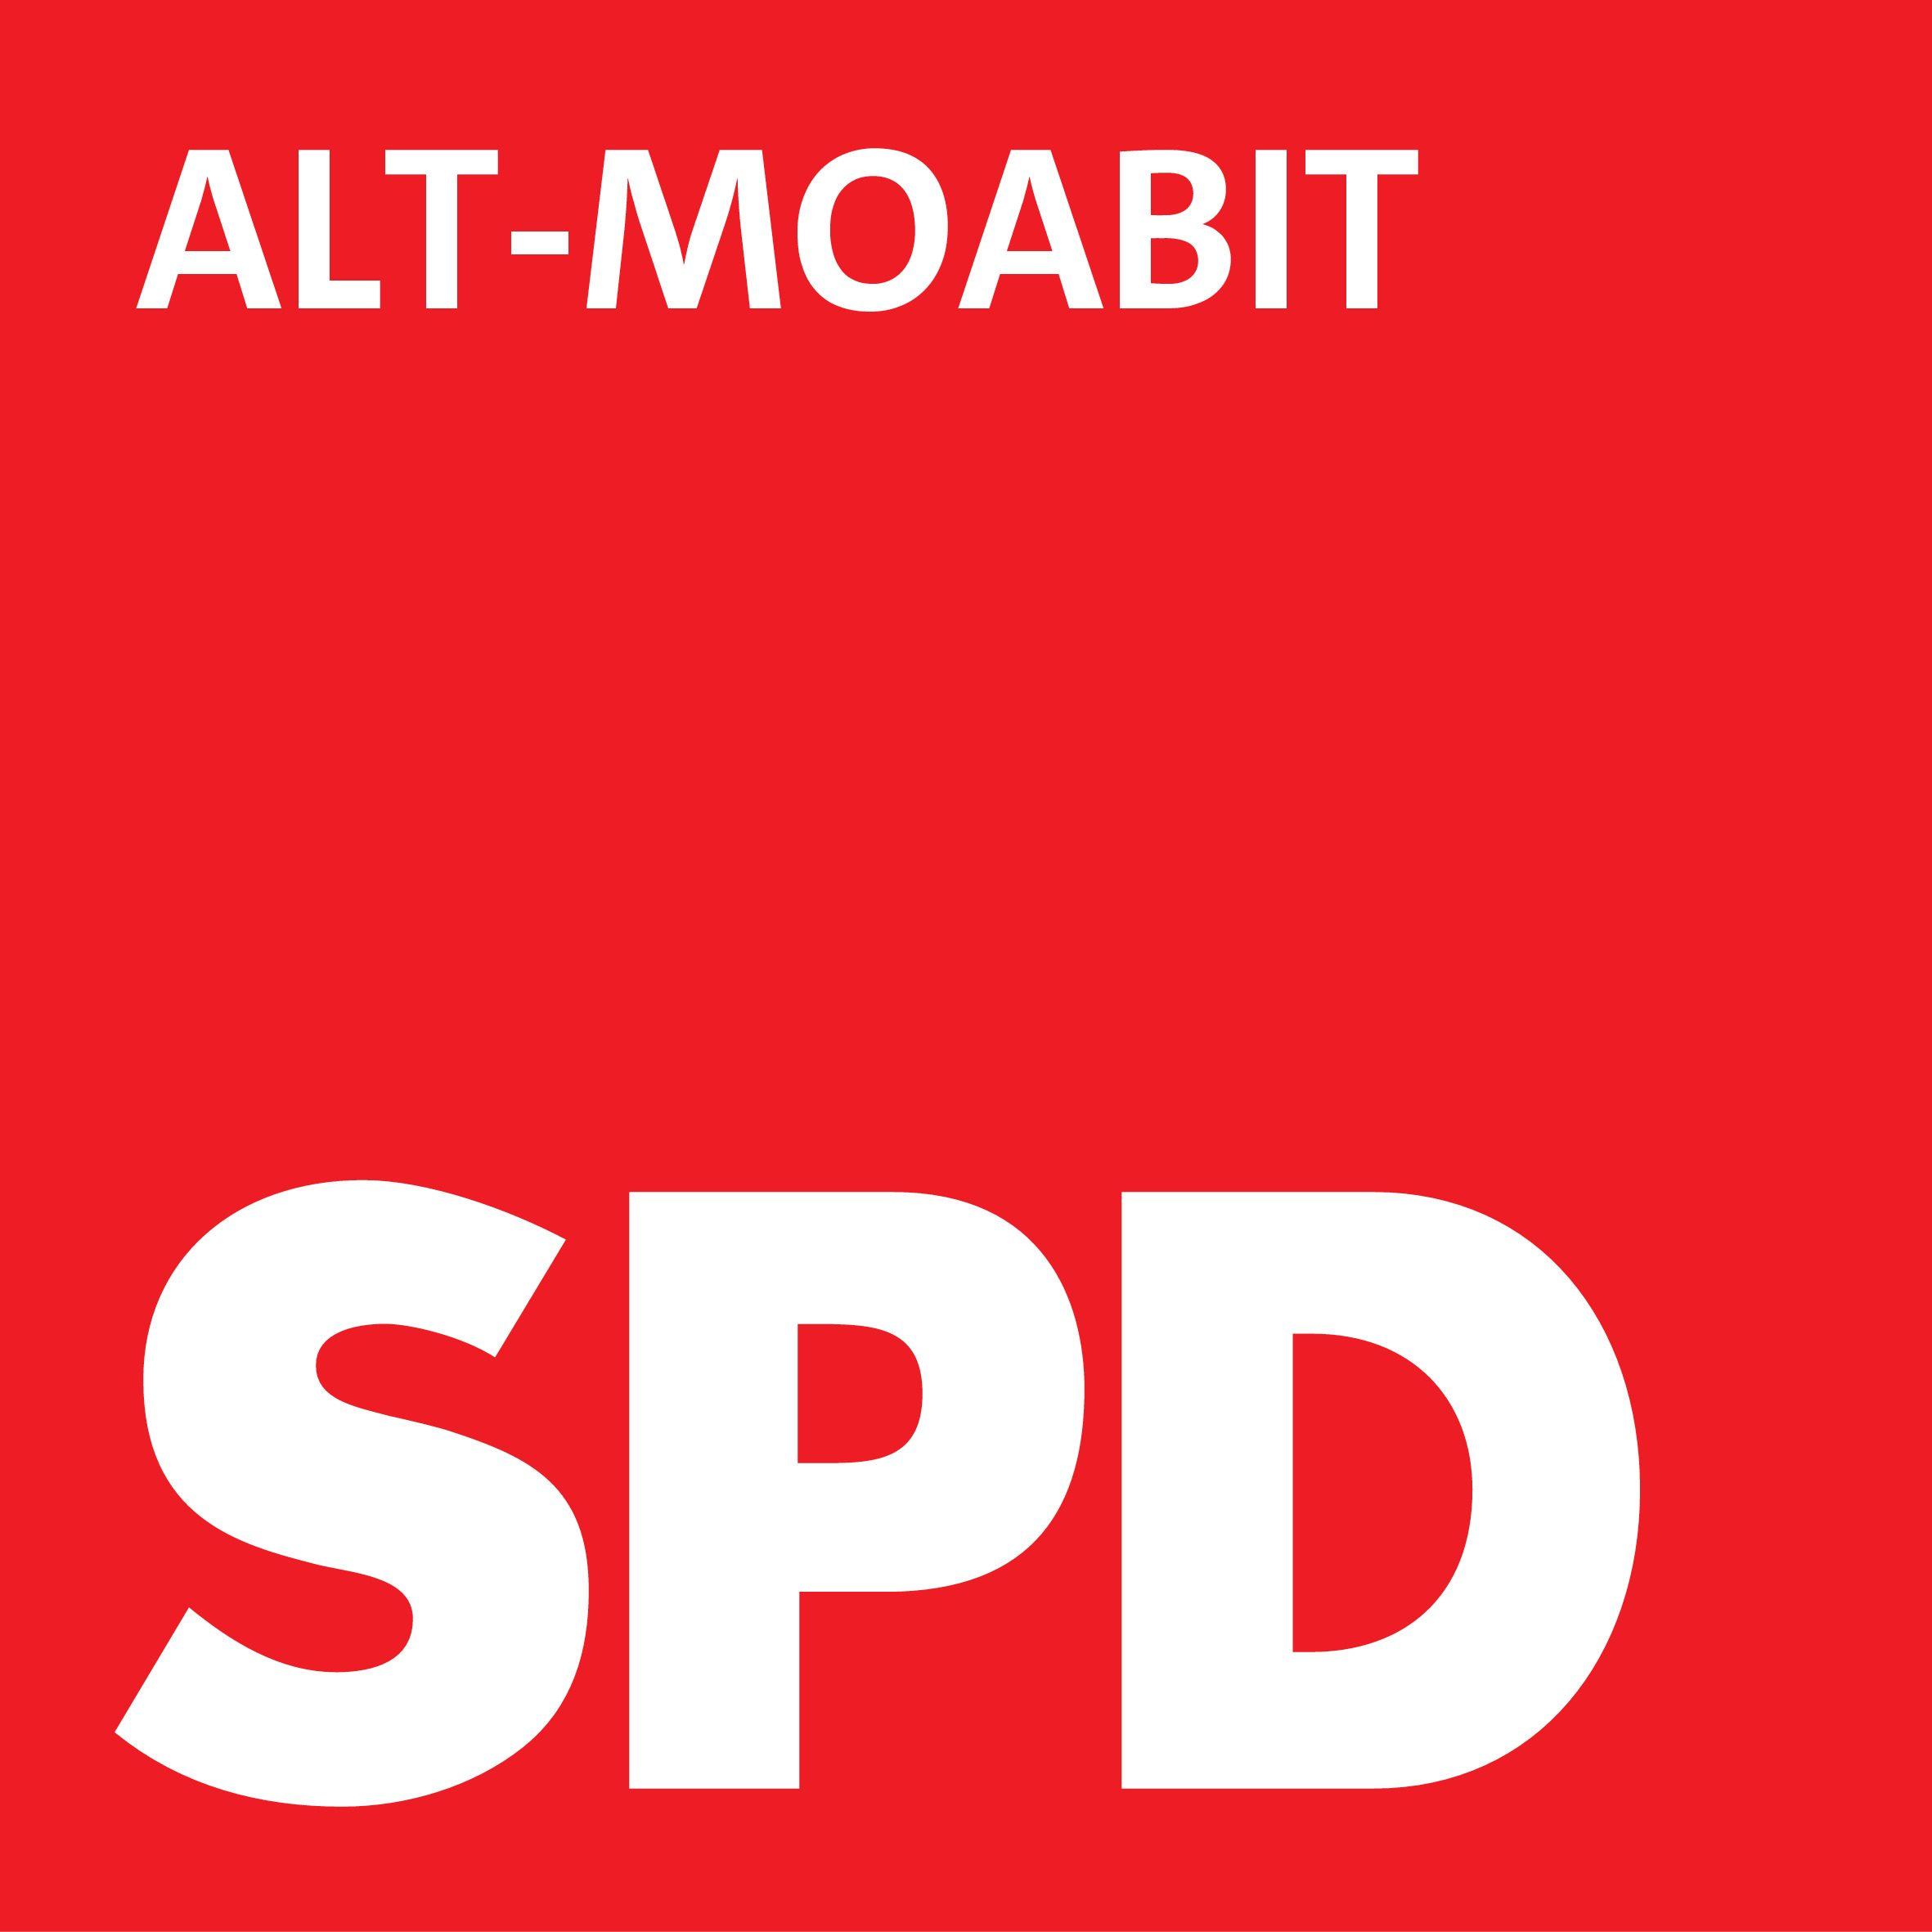 SPD Berlin-Mitte, Abteilung 8 – Alt-Moabit